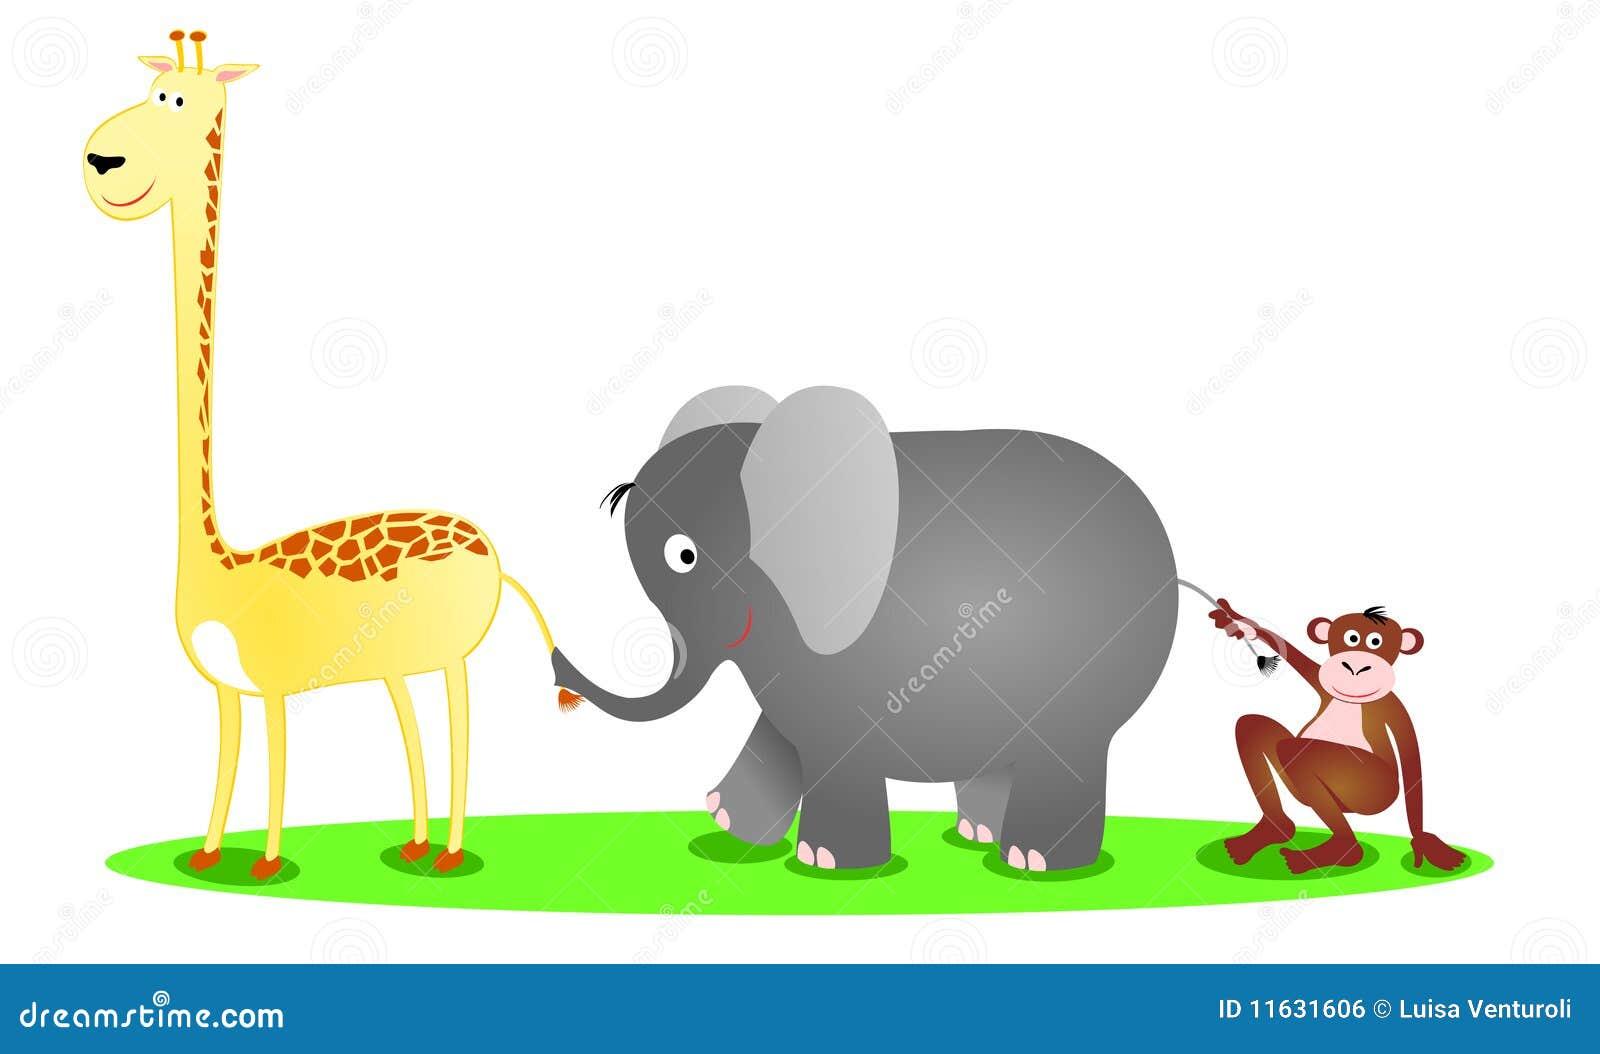 eine giraffe ein elefant und ein schimpanse in einer. Black Bedroom Furniture Sets. Home Design Ideas